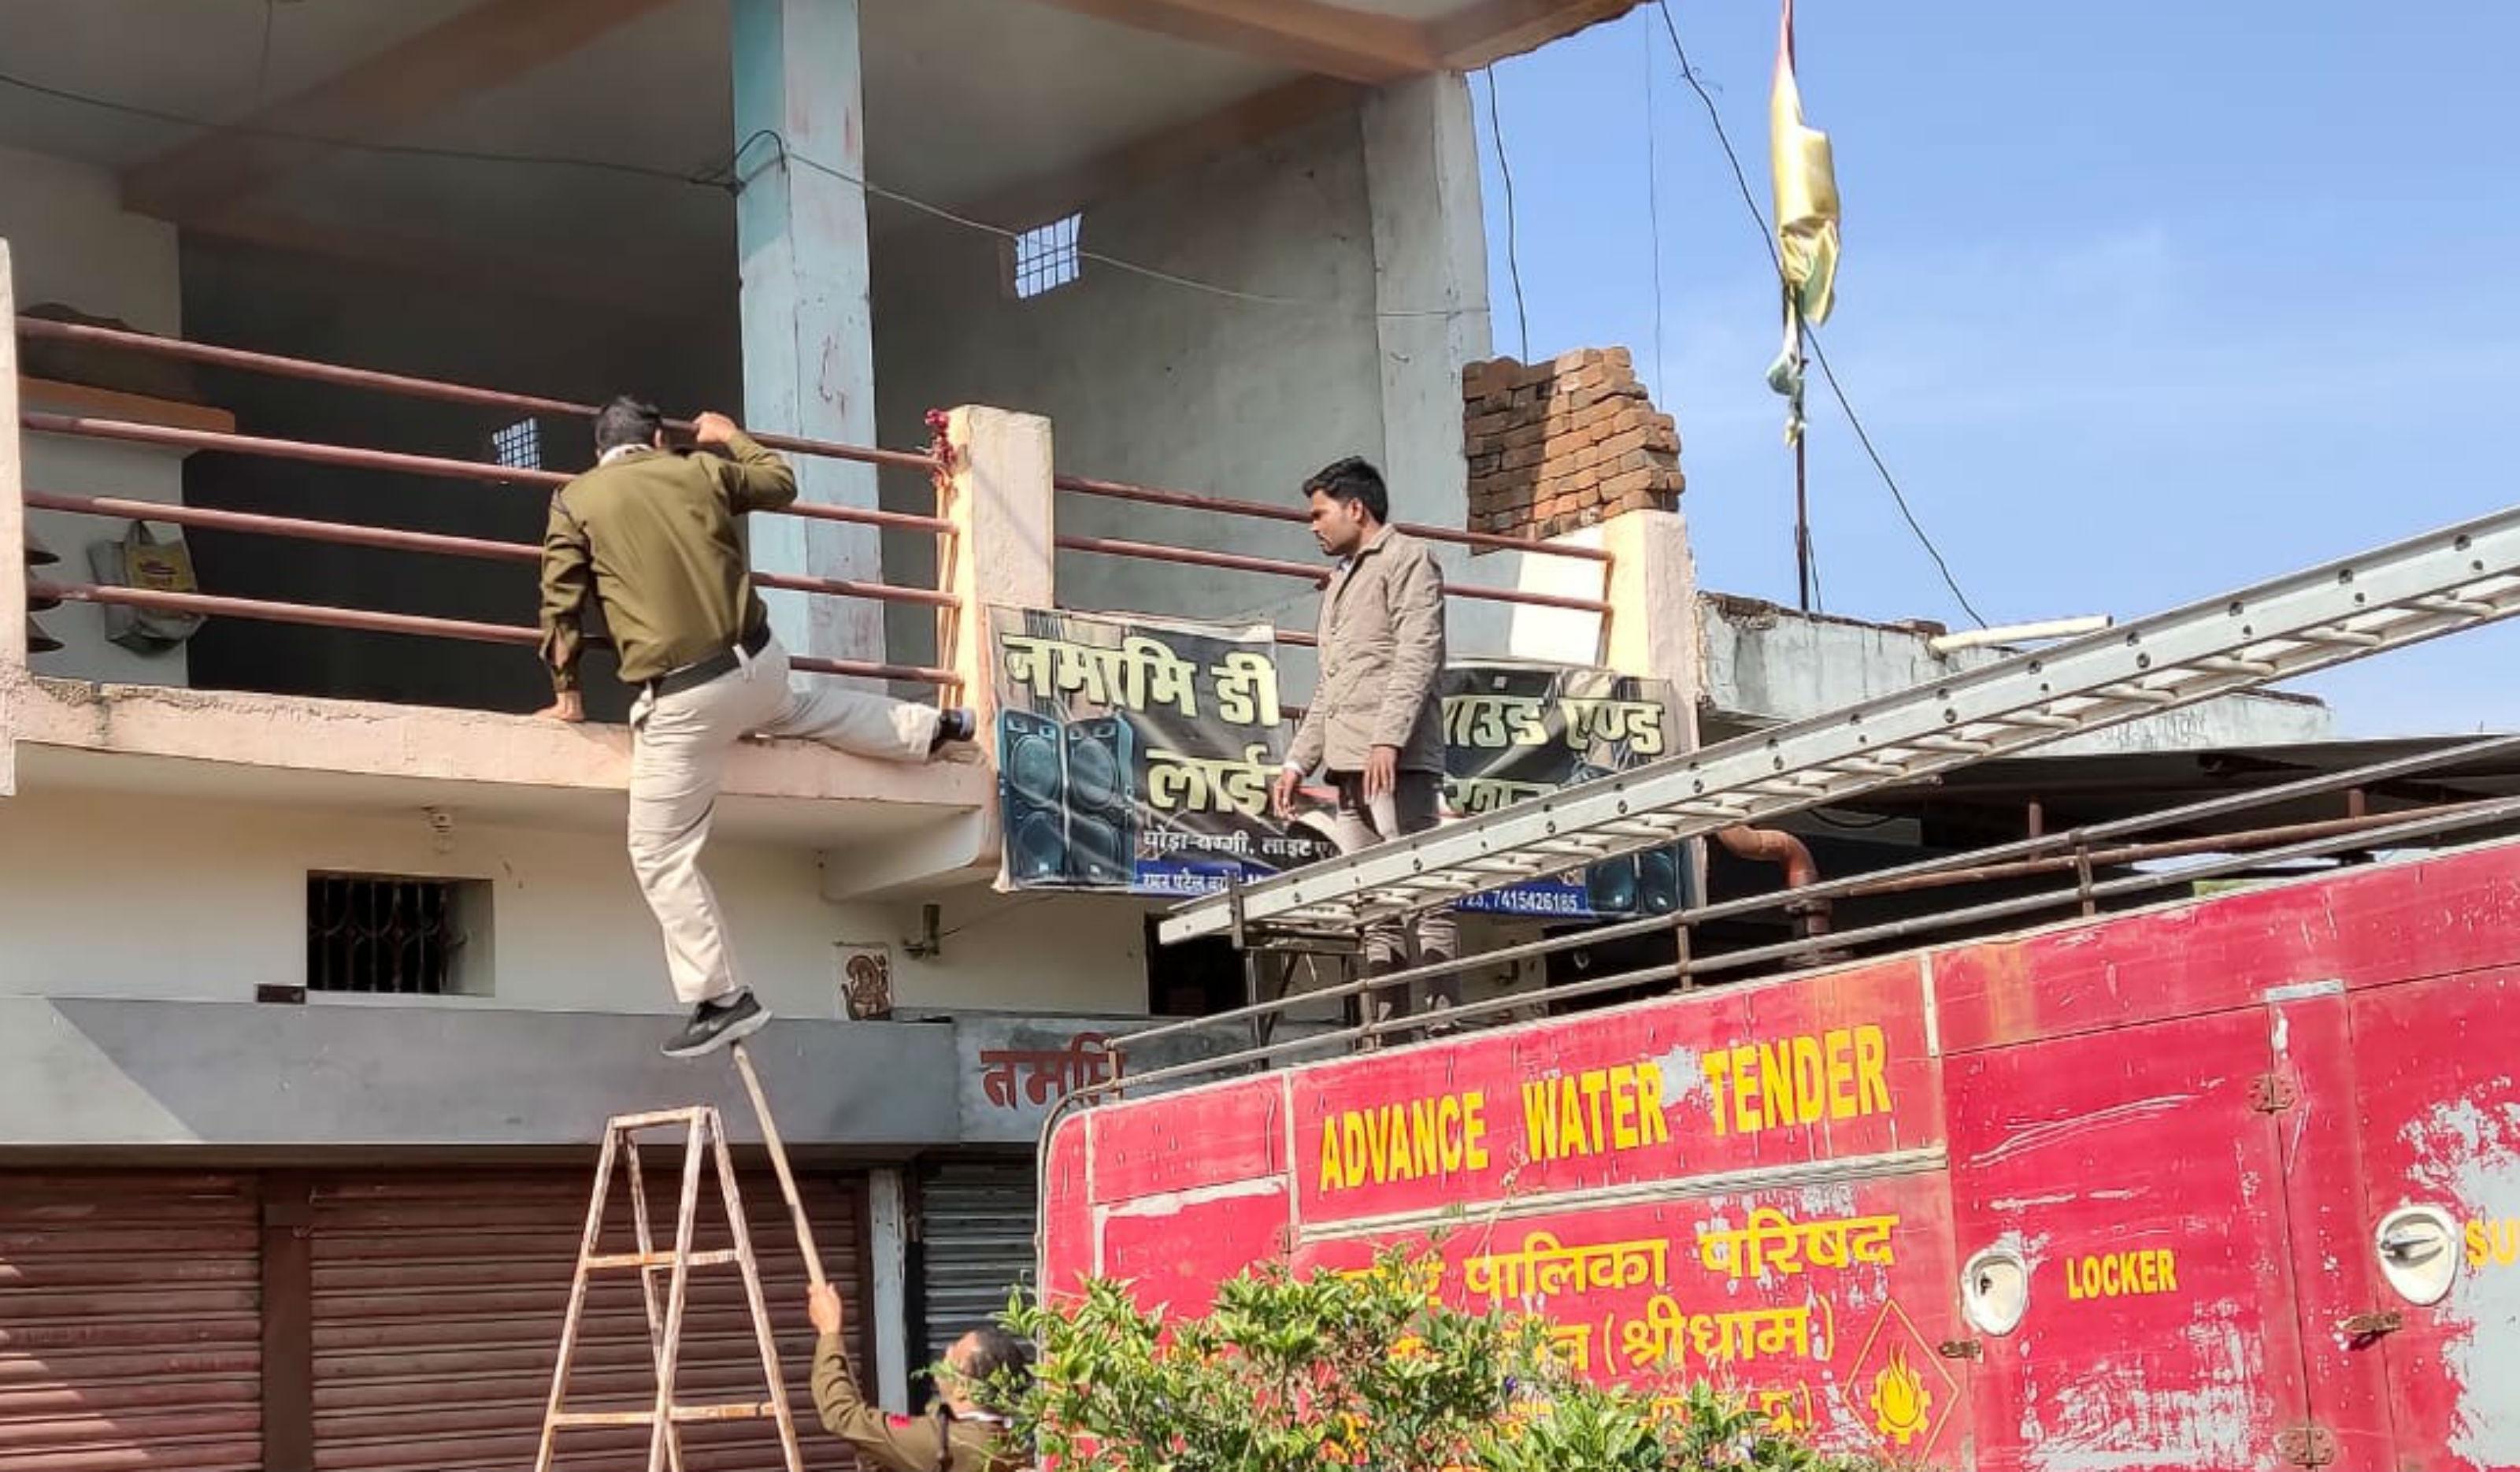 नरसिंहपुर : शराबी ने घर में आग लगाकर बुलाई दमकल, फिर कर्मियों को रोका